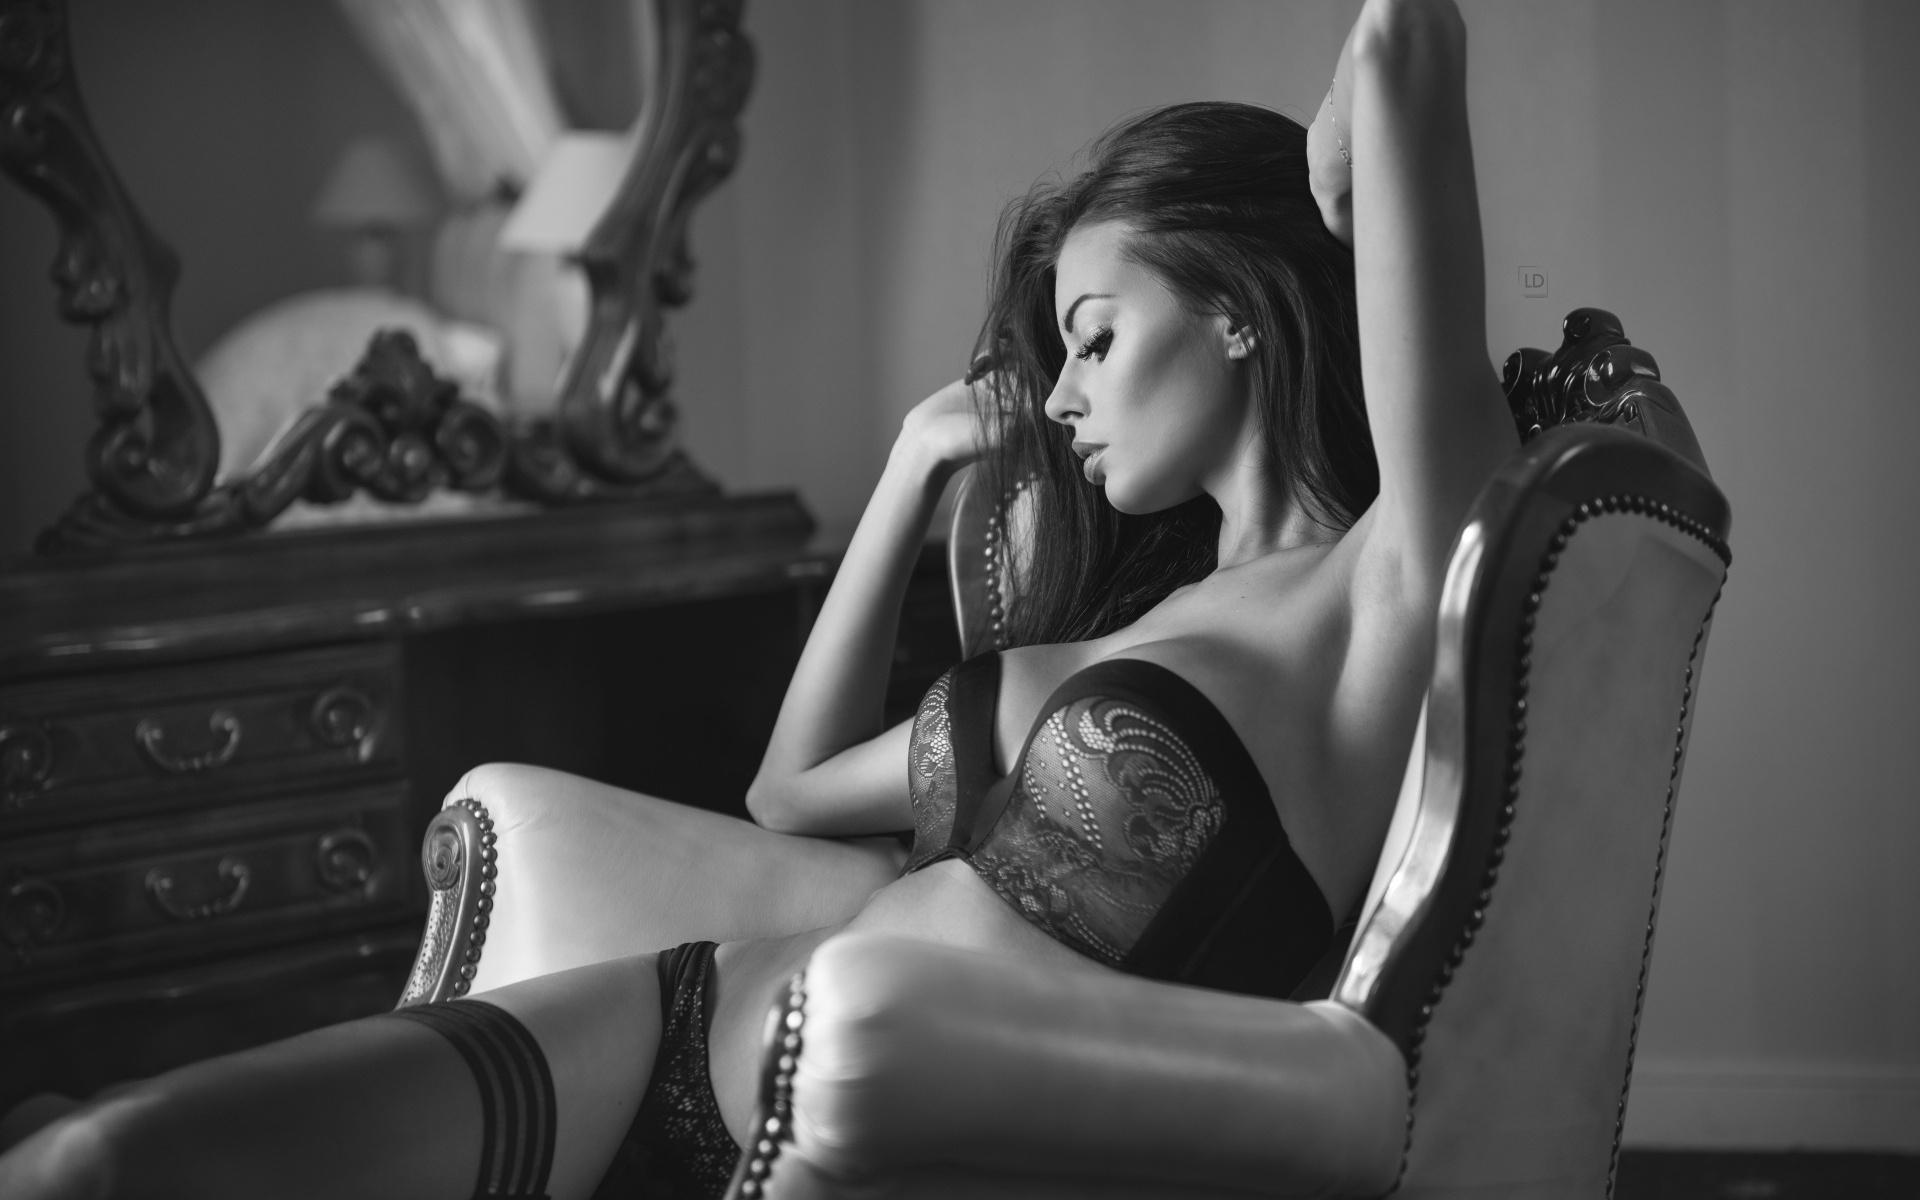 Фото ню девушки в красивых позах, Голые девушки в сексуальных позах (34 фото) 24 фотография